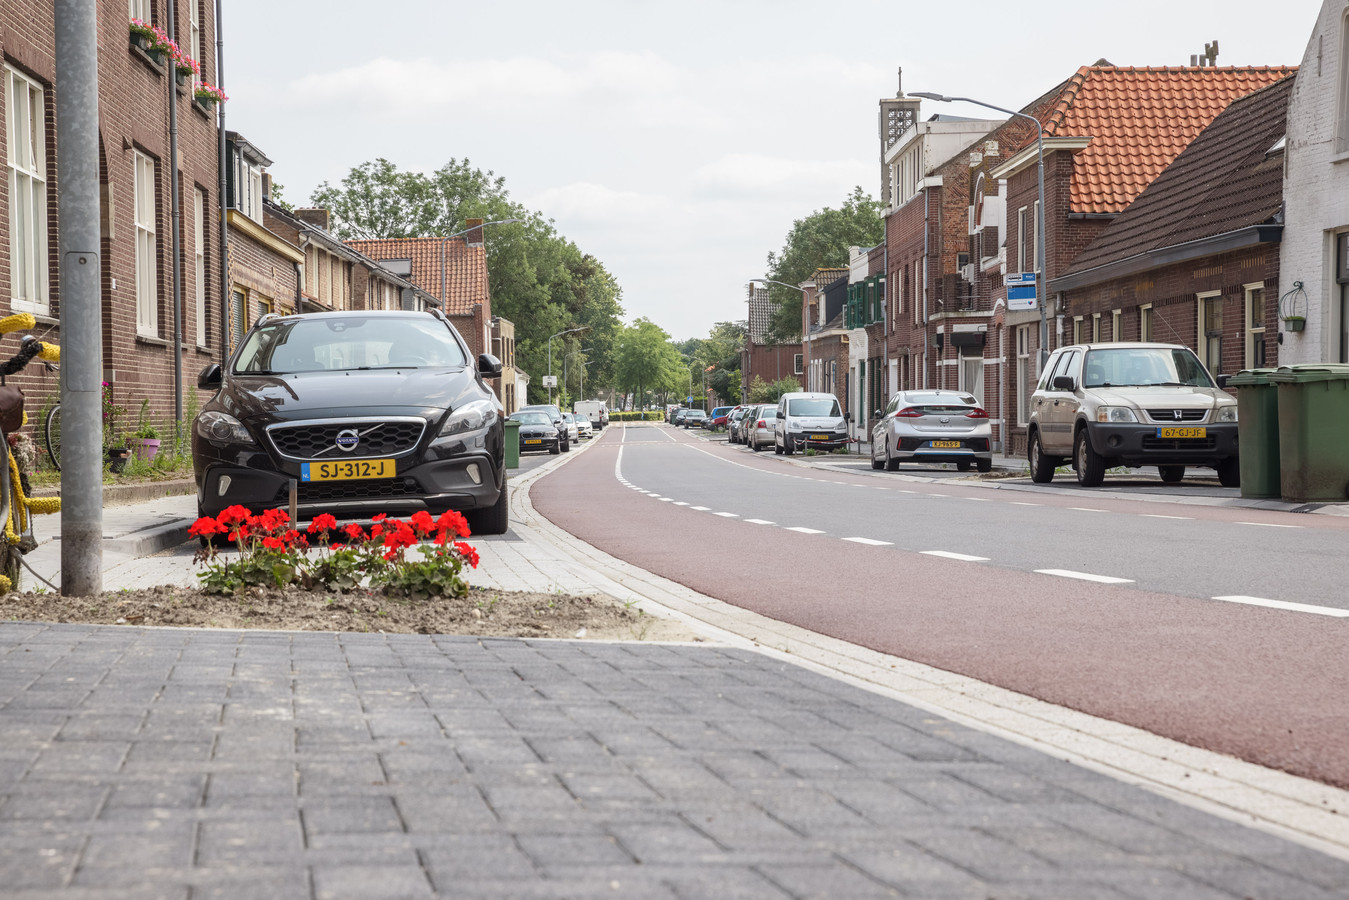 Omwonenden zijn blij met de facelift van de Steenweg in Moerdijk, maar zijn ook bang dat hun straat in een racebaan verandert.